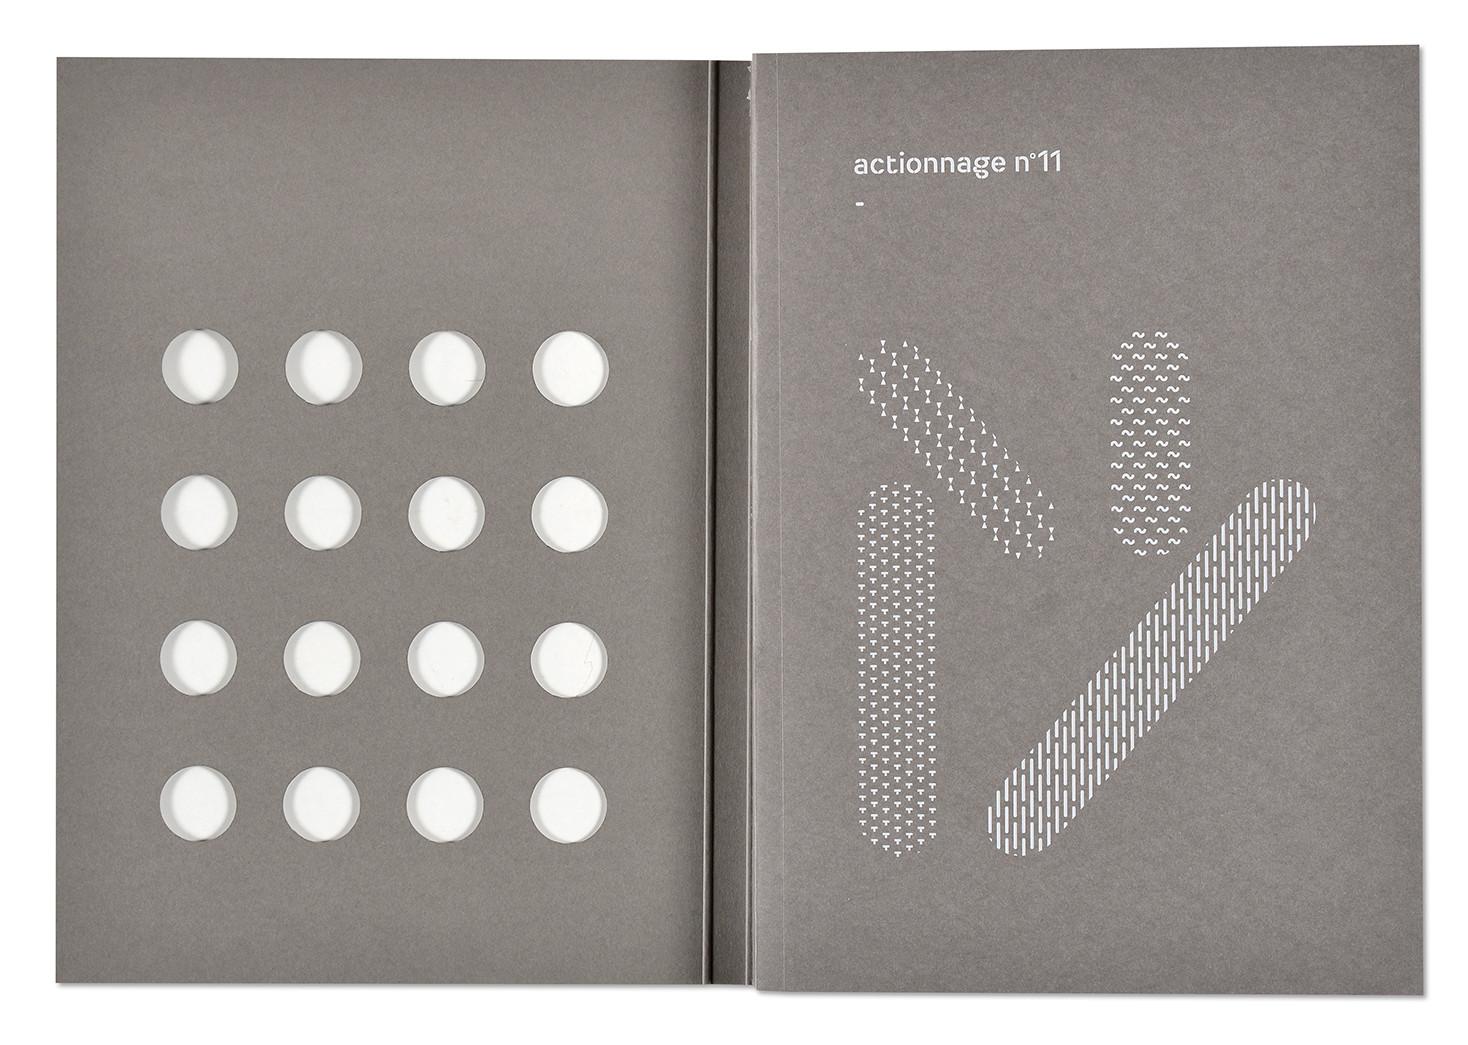 Habiter la cour, actionnage n°11, collectif, Sometimes Studio, couverture ouverte